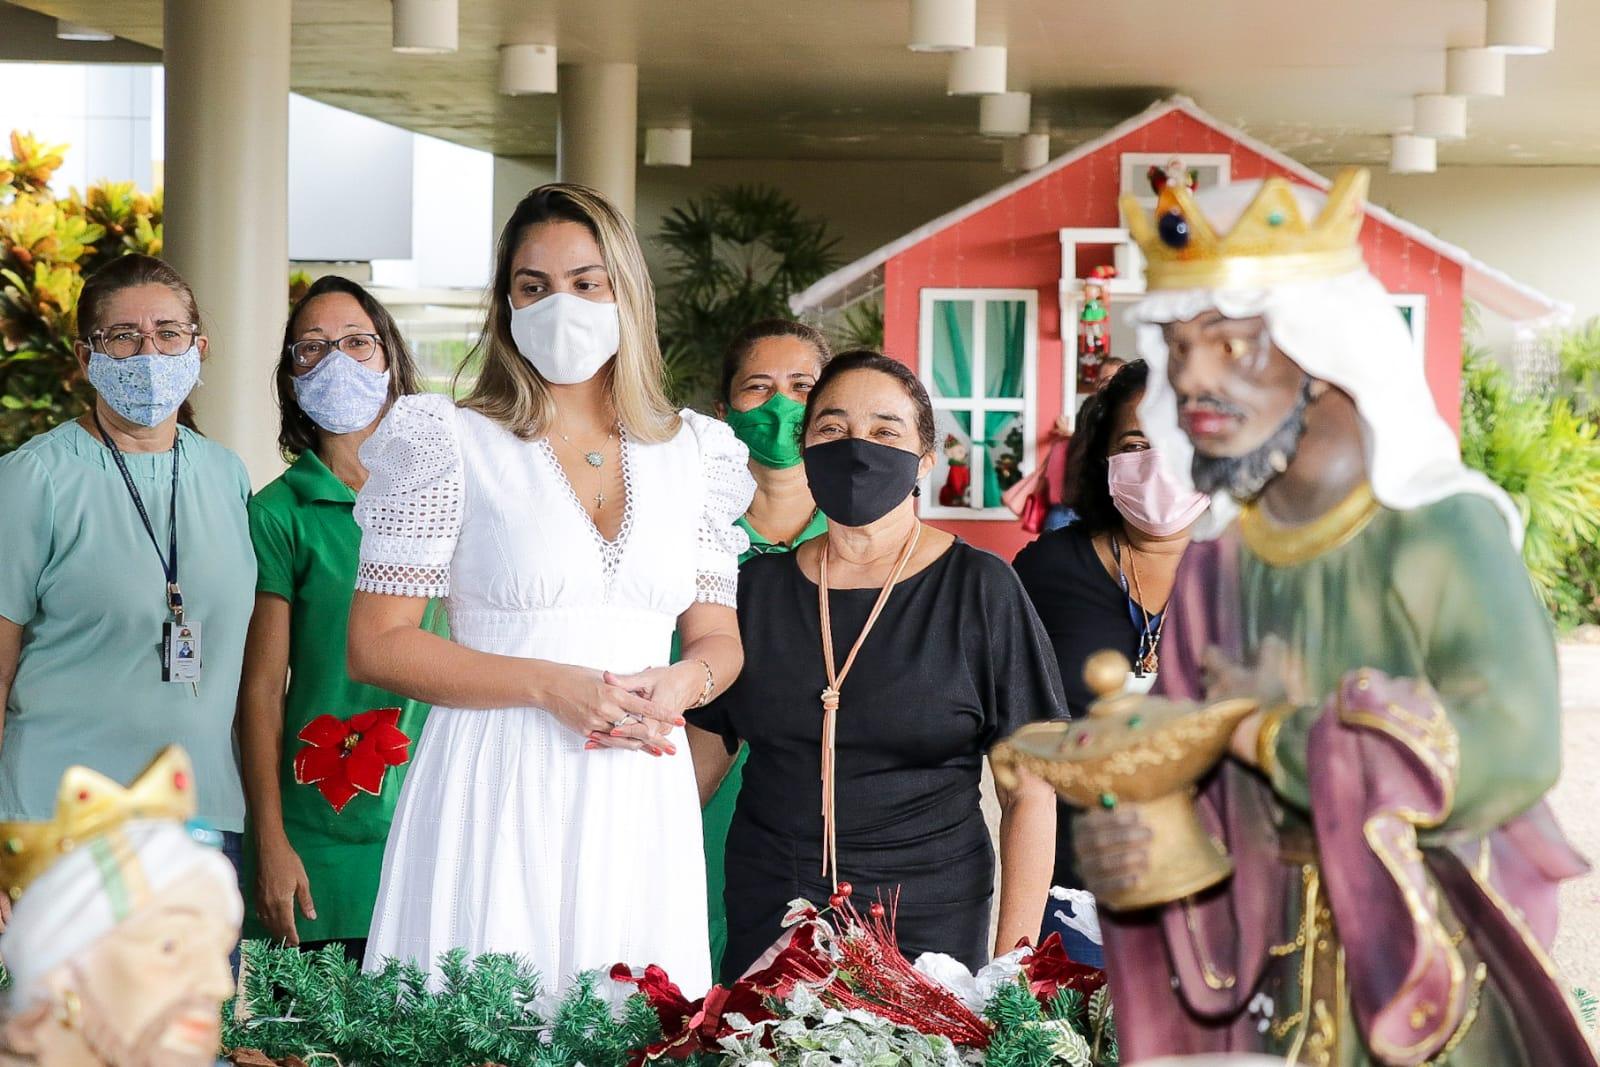 A presidente do Gedema verificou a montagem do presépio, um dos principais símbolos do Natal